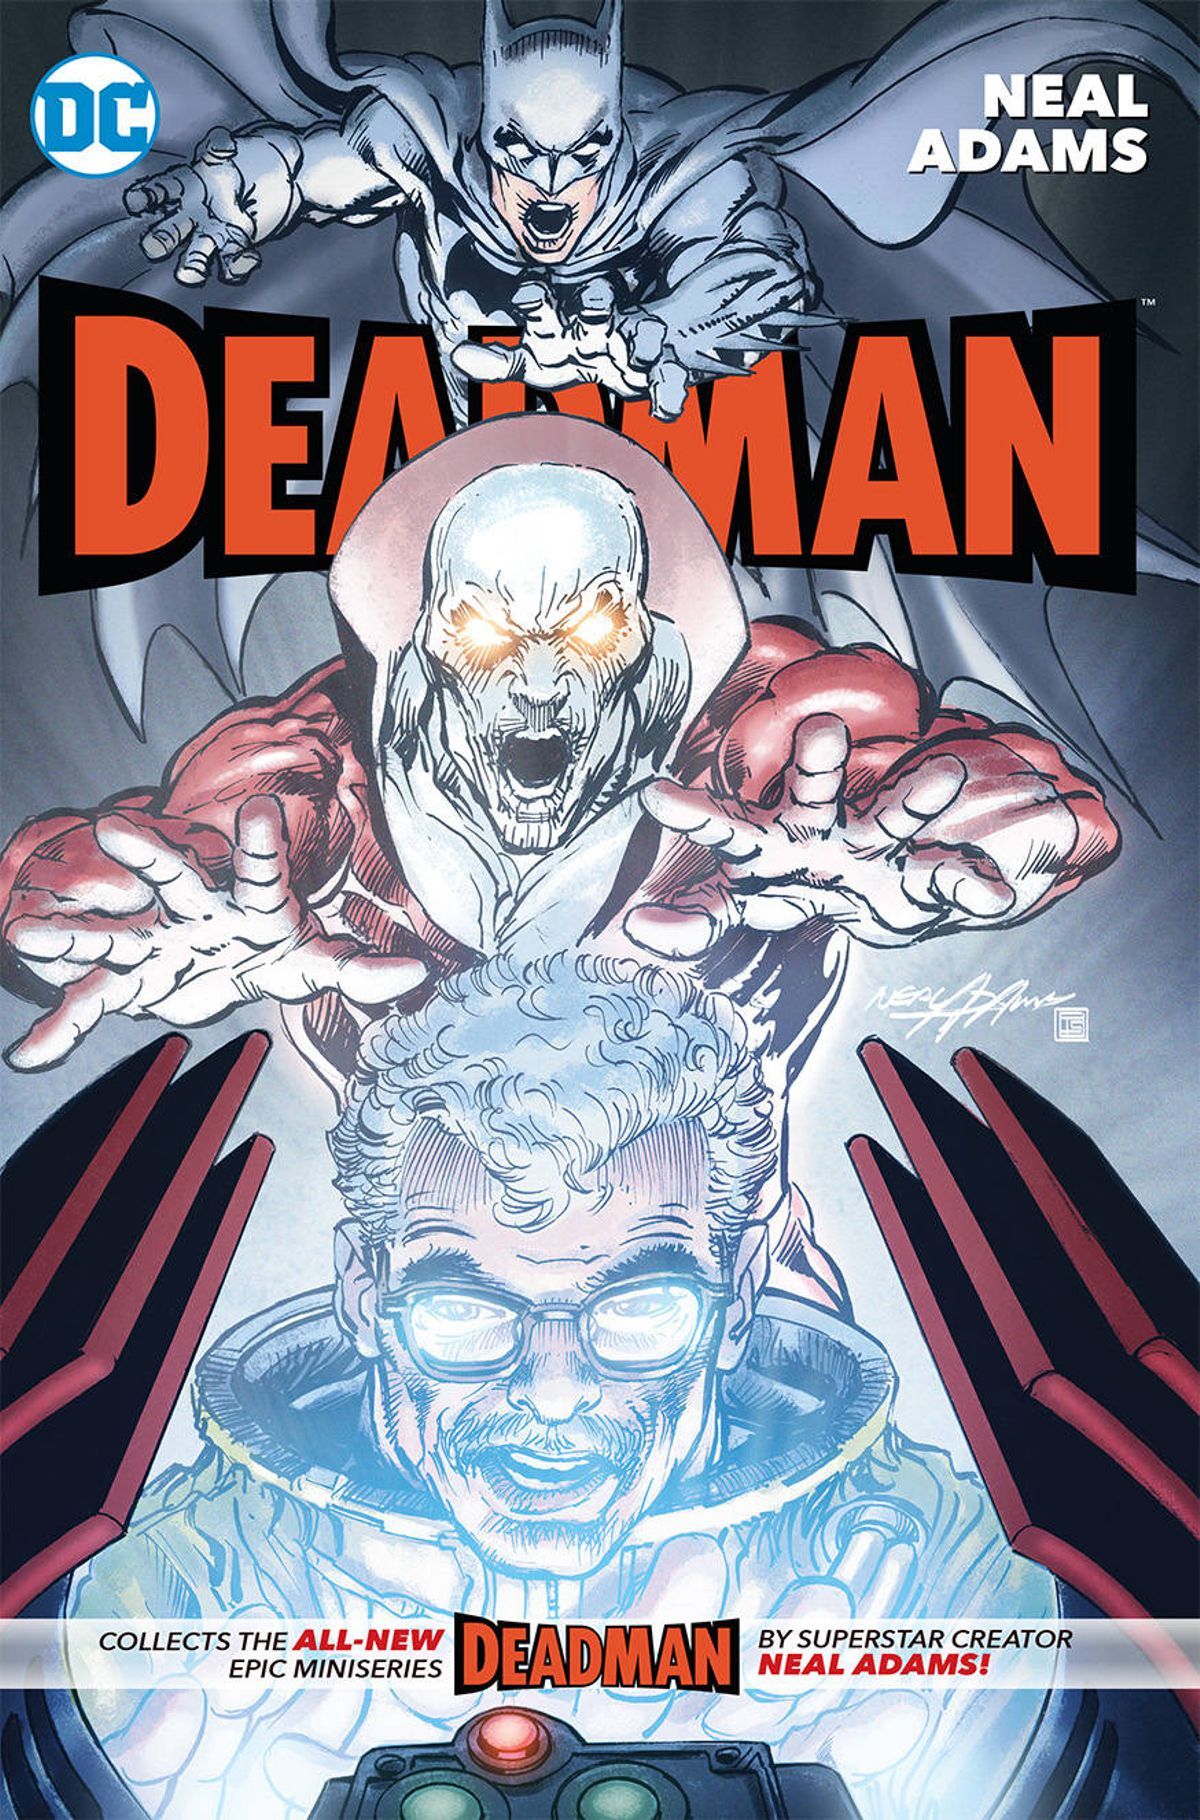 Deadman by Neal Adams (2018)